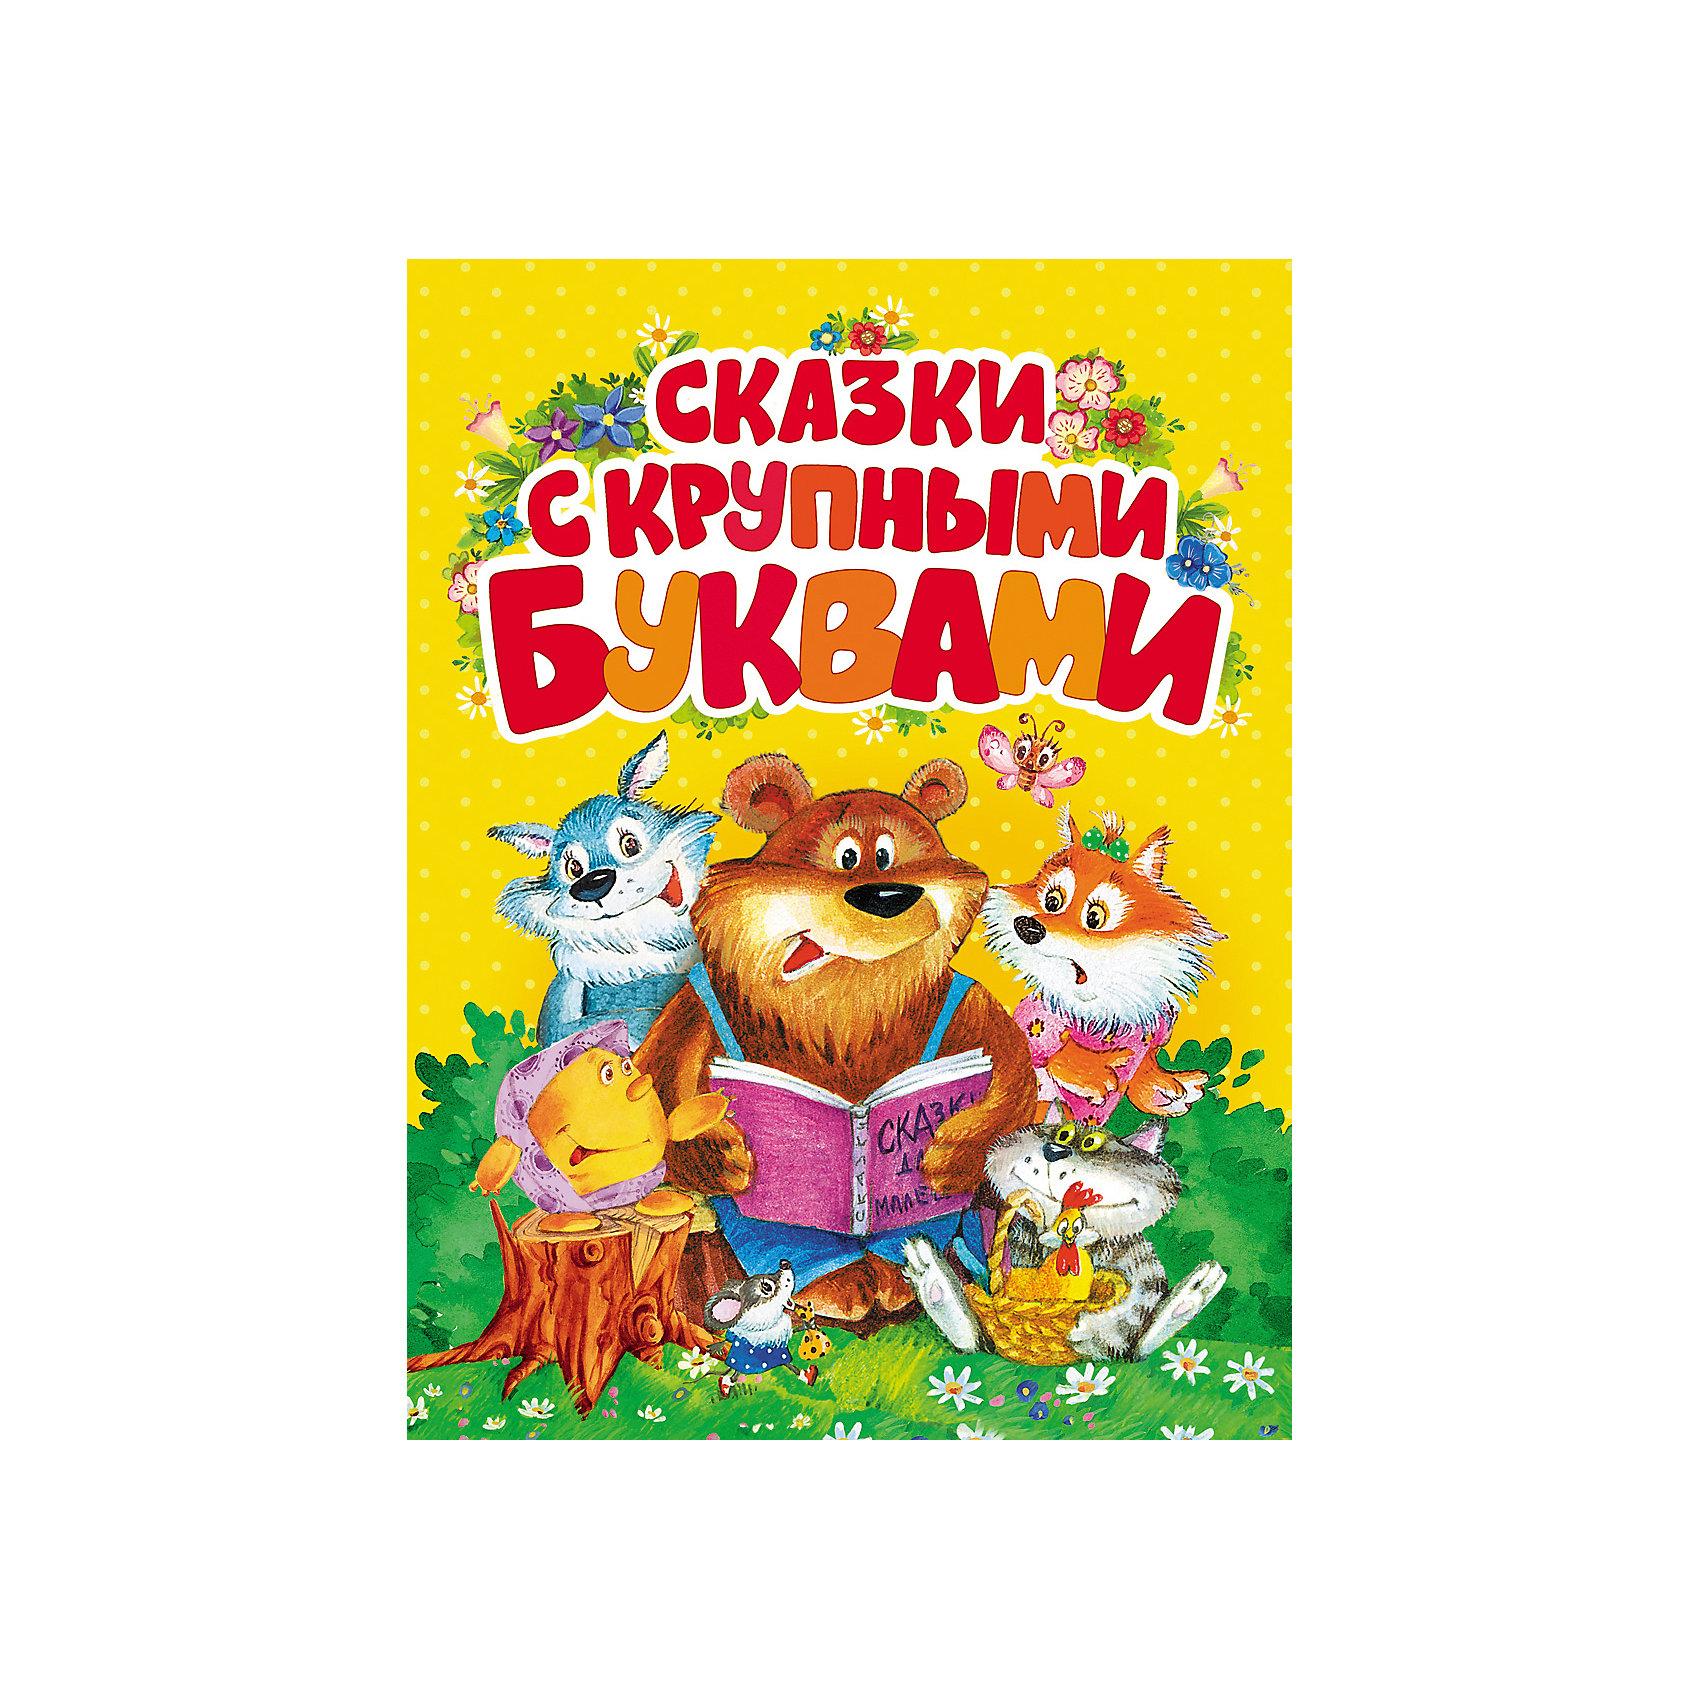 Росмэн Сказки с крупными буквами лемко д любимые сказки